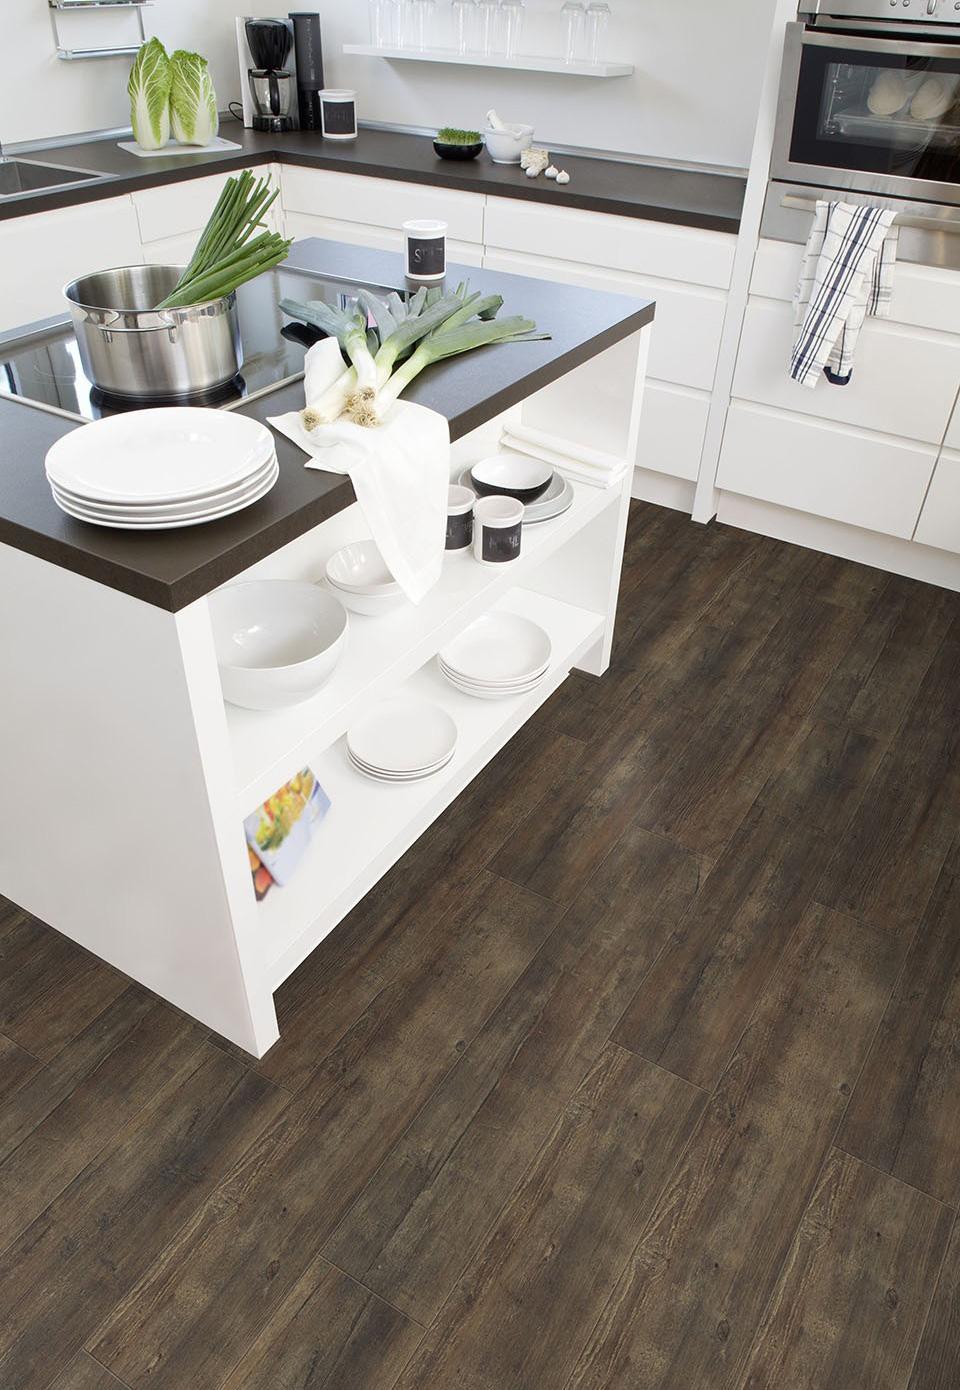 Donkere PVC vloer voor in de keuken.